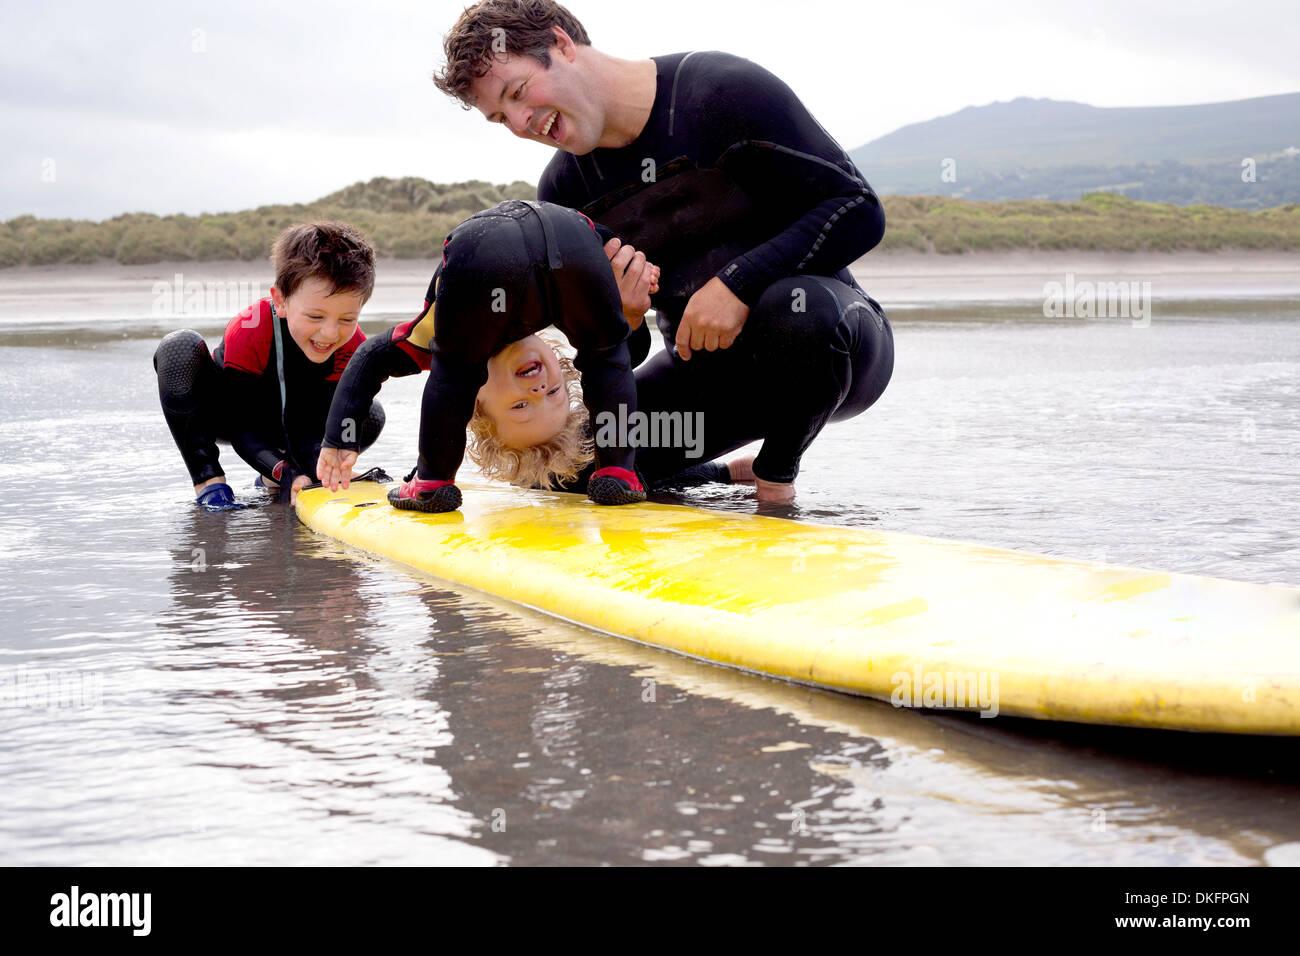 Vater und Söhne spielen mit Surfbrett Stockbild